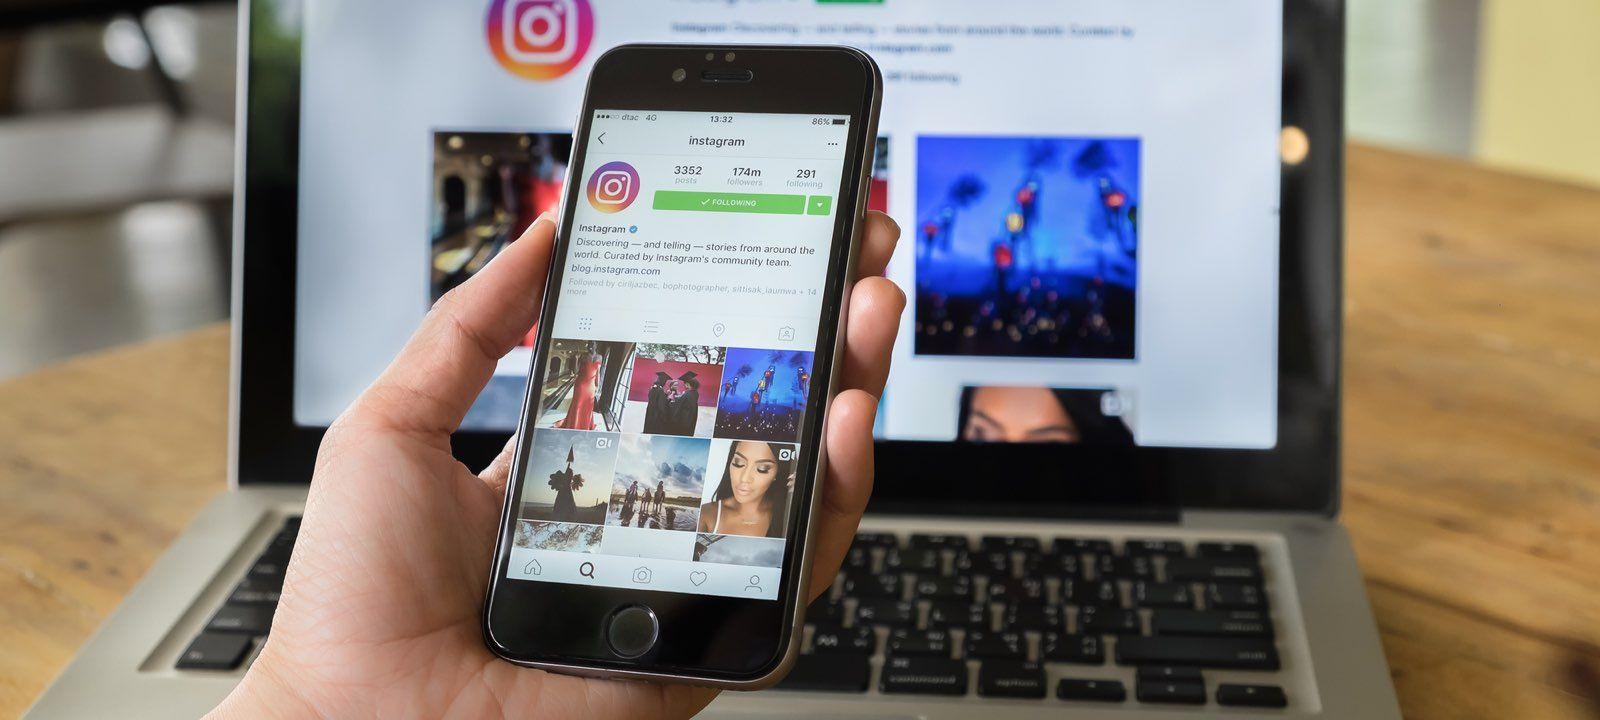 Лента Instagram: как работают алгоритмы и как это использовать